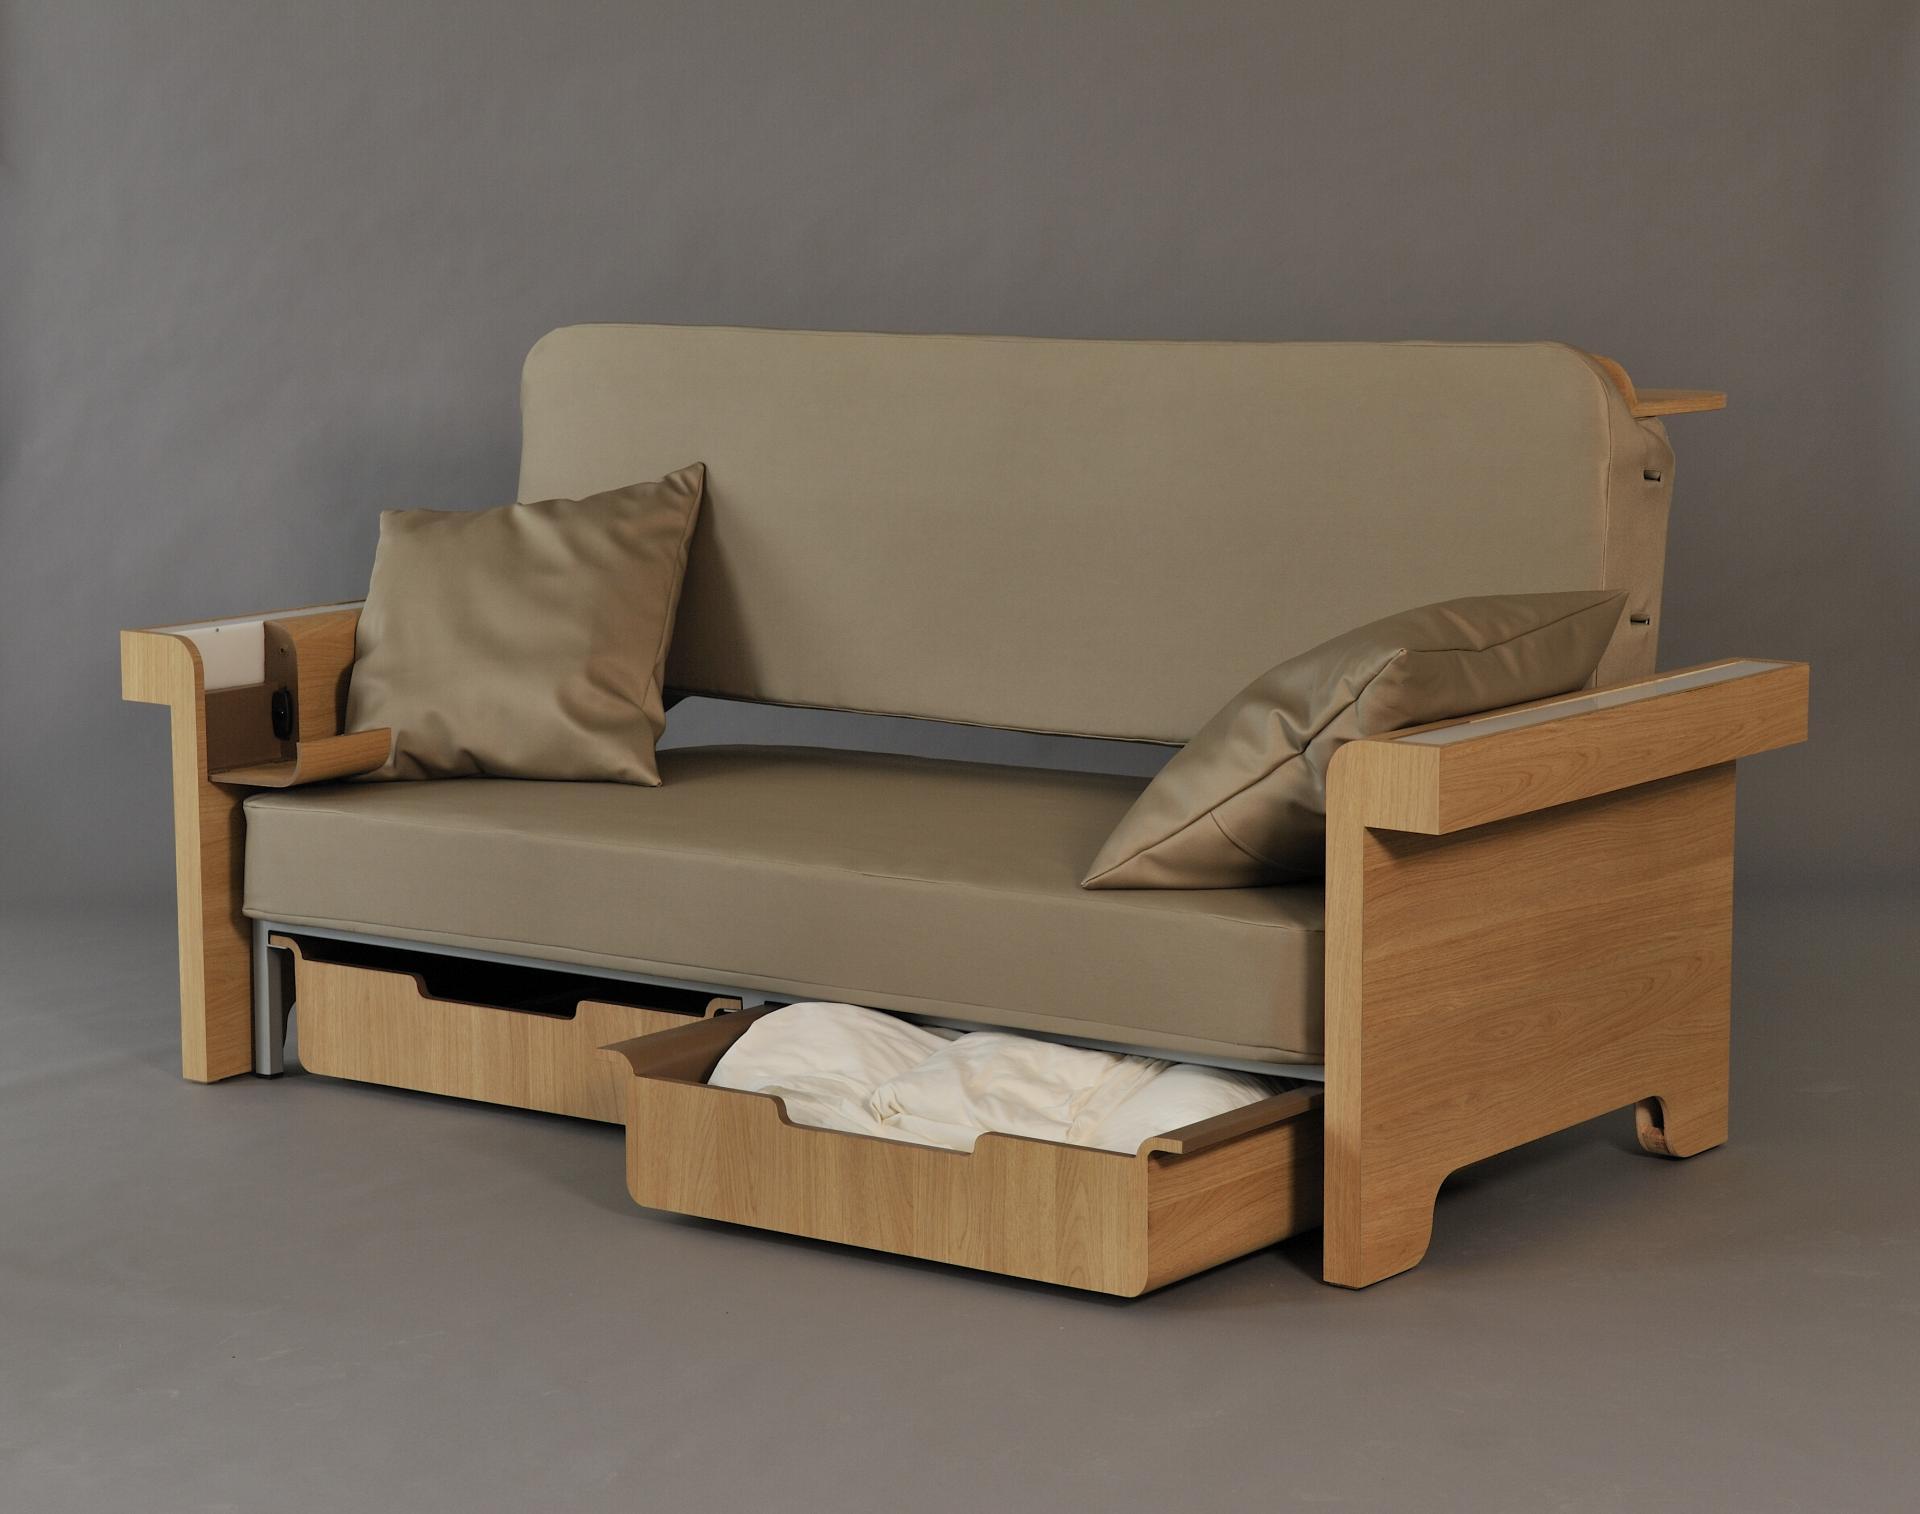 Как из кровати сделать диван своими руками видео